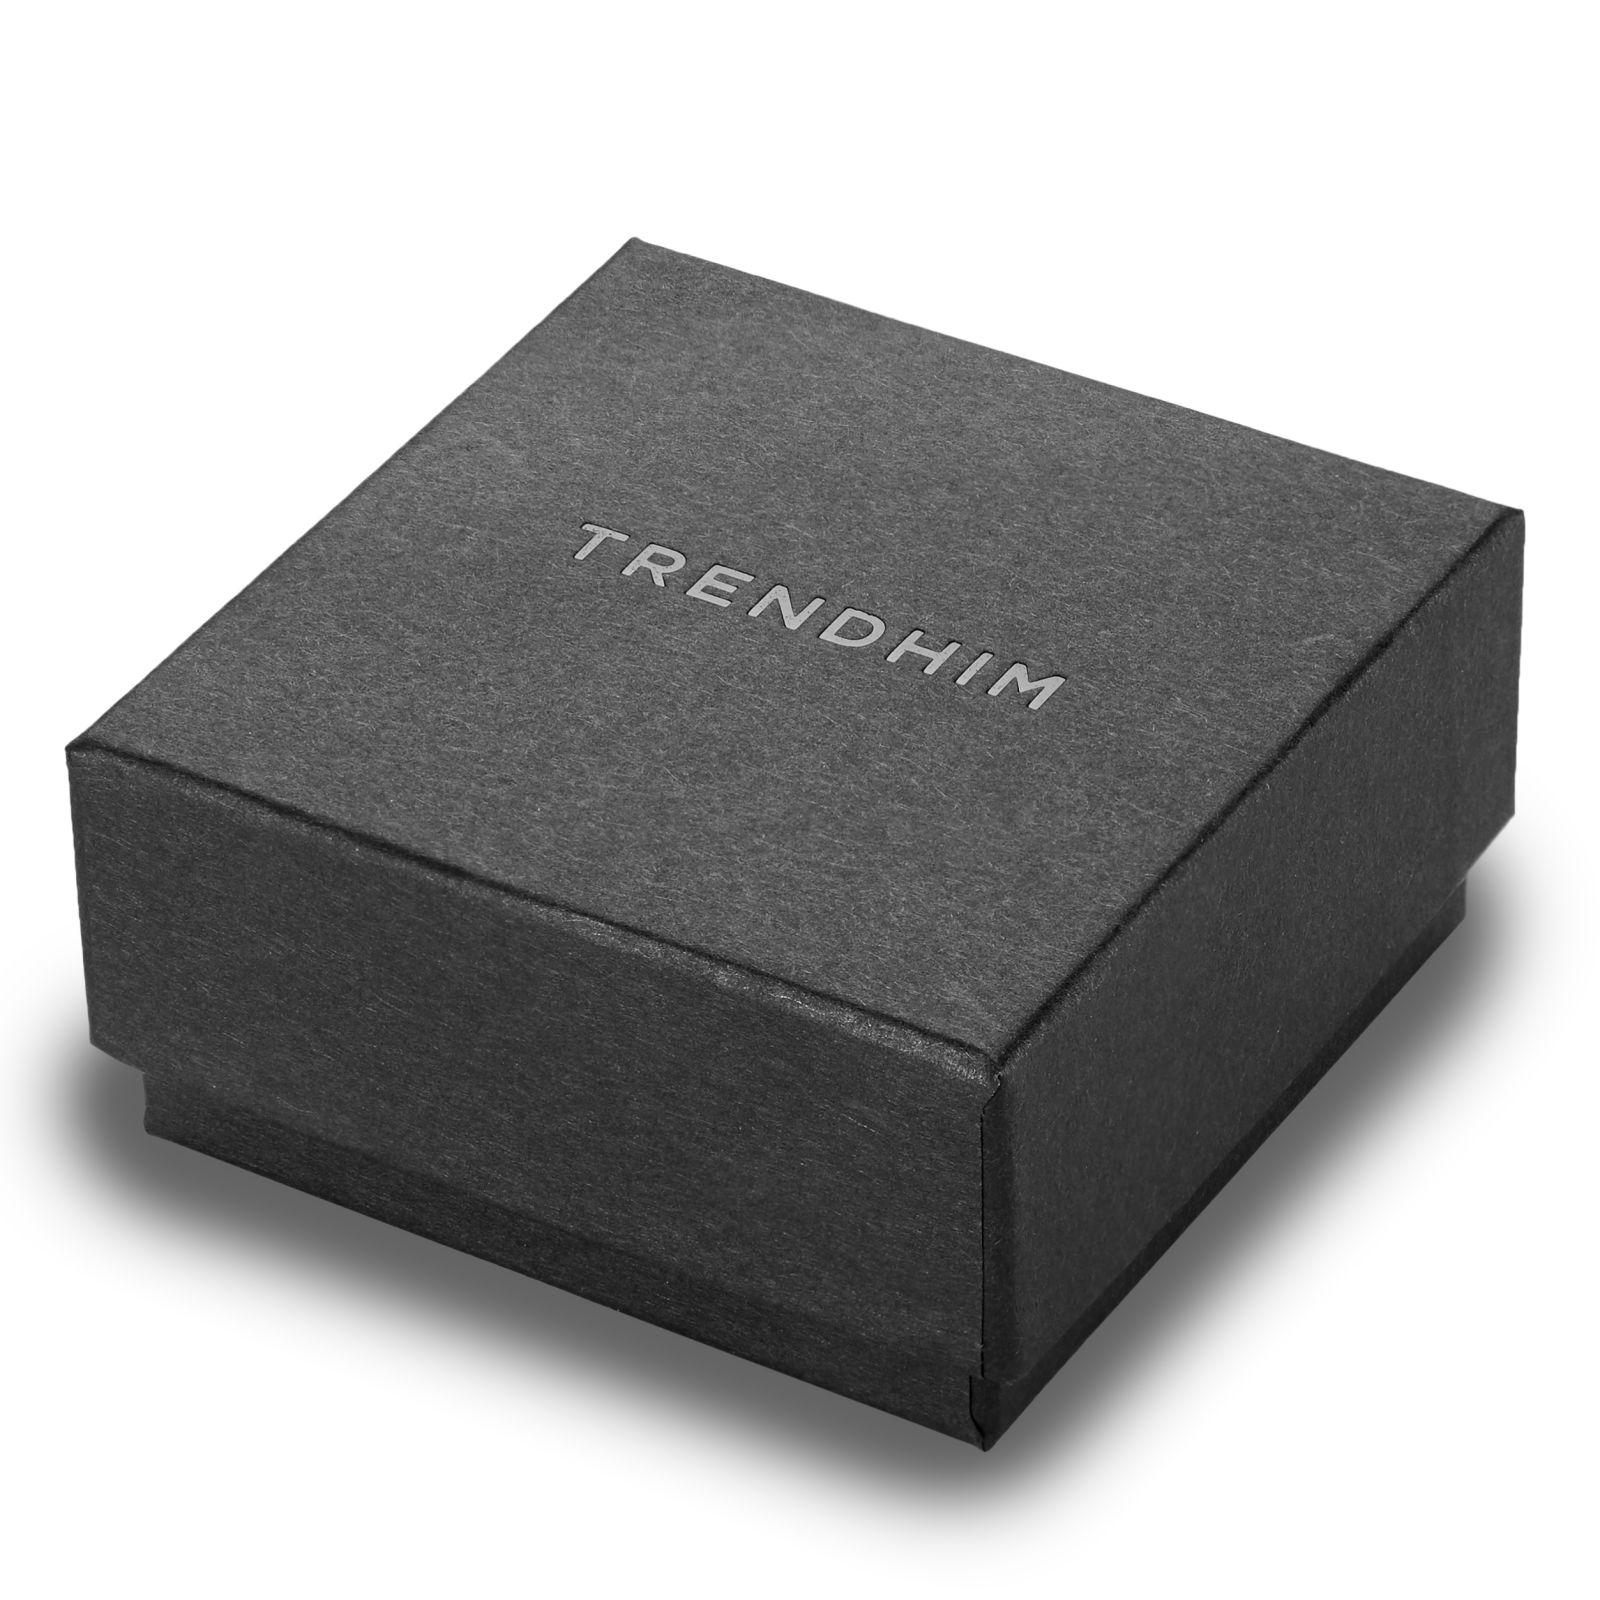 df813c3a42 Κουτί Δώρου για Κλιπ Γραβάτας Μανικετόκουμπα